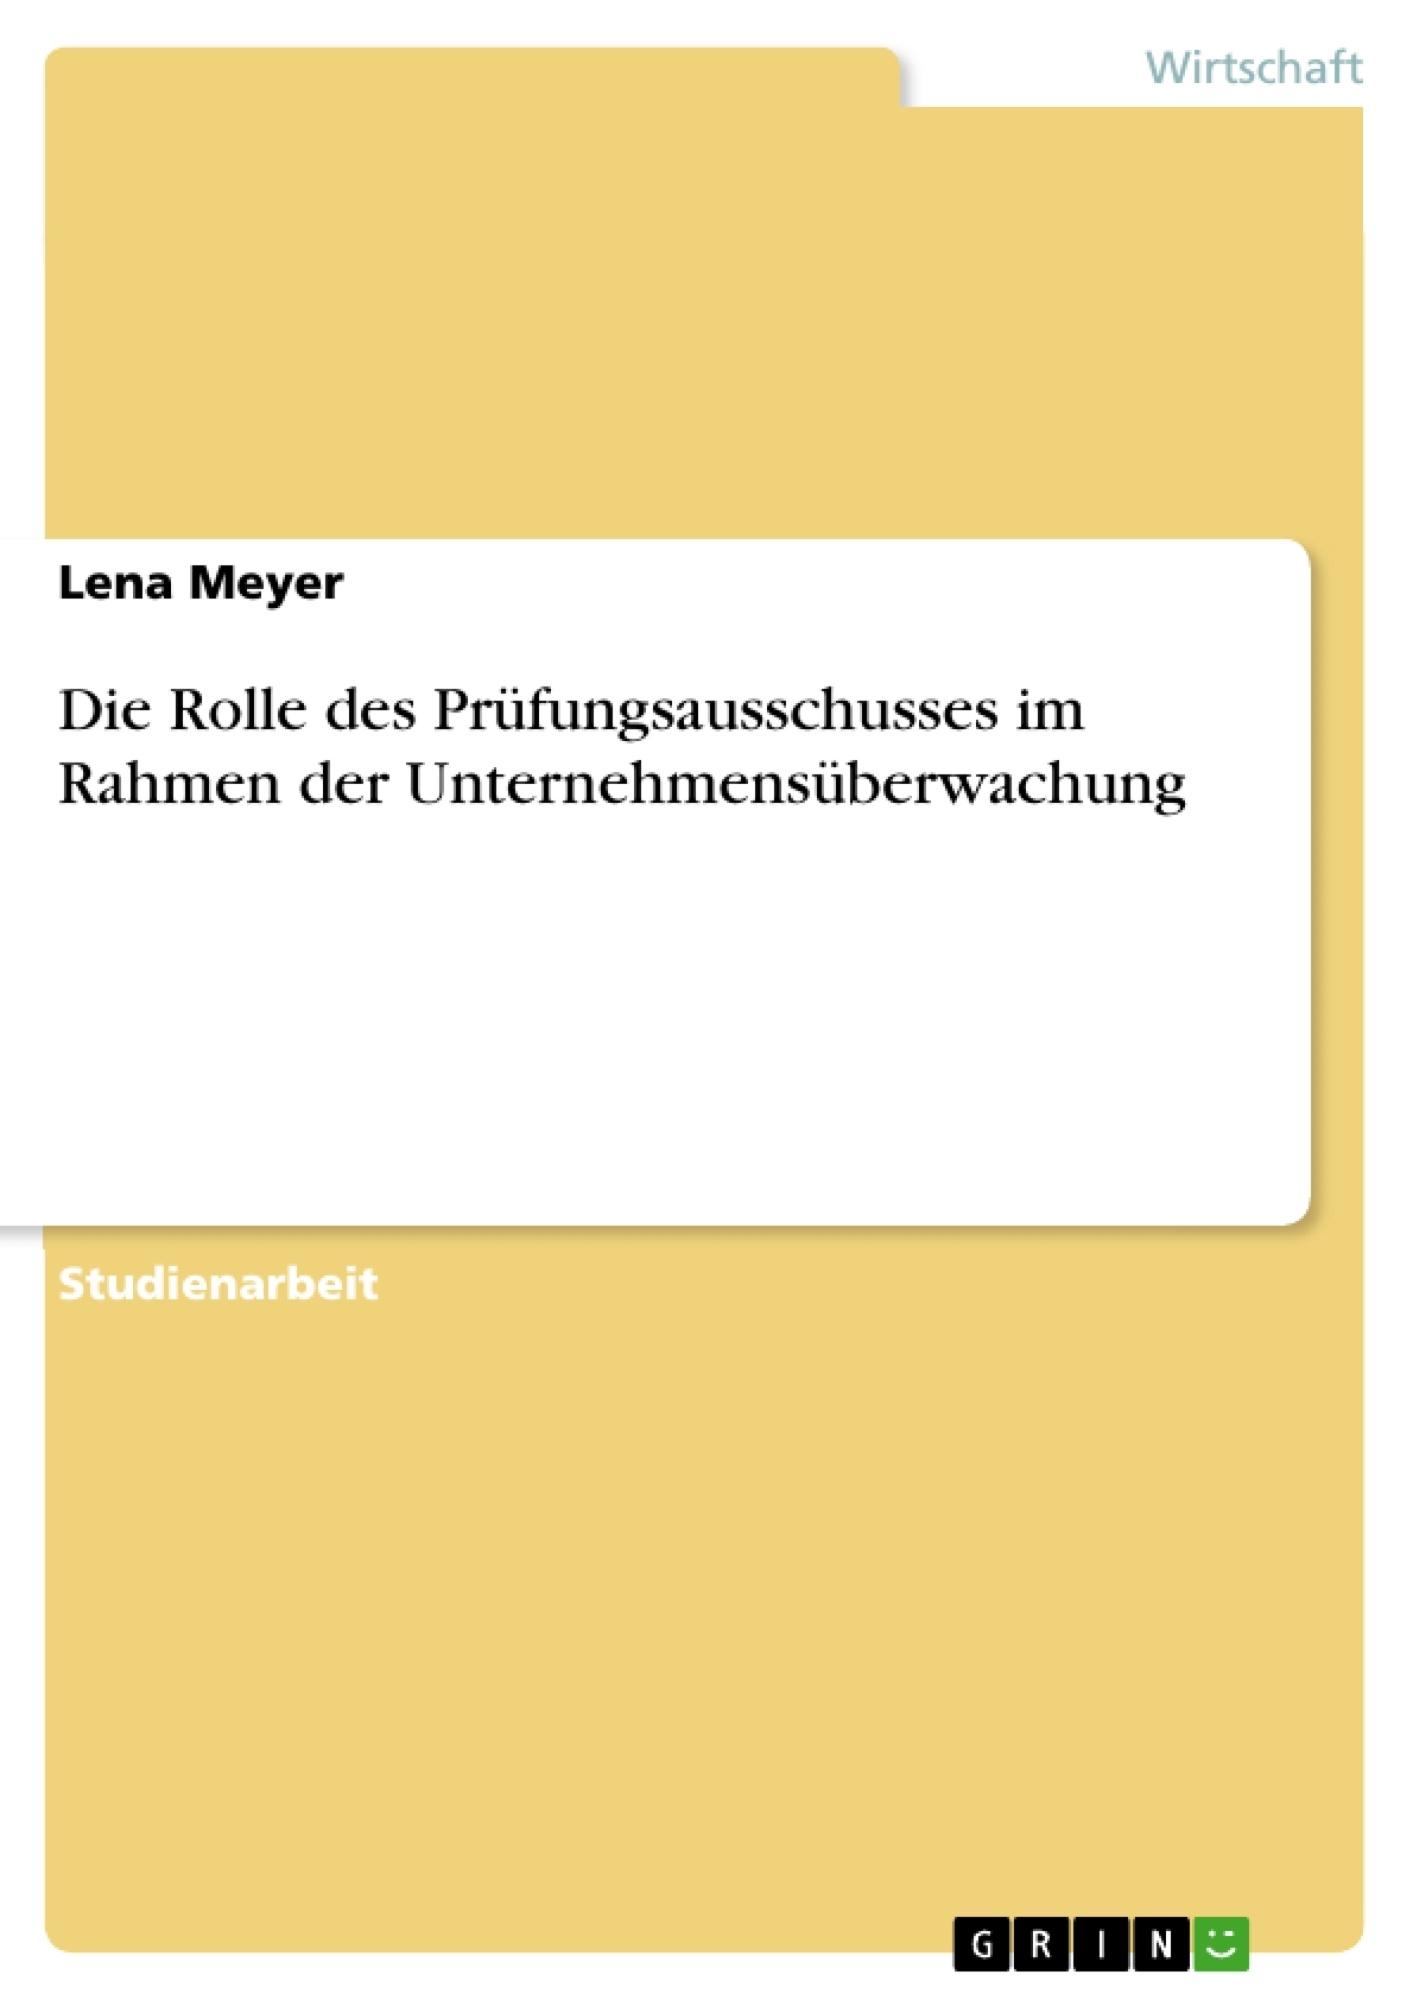 Titel: Die Rolle des Prüfungsausschusses im Rahmen der Unternehmensüberwachung